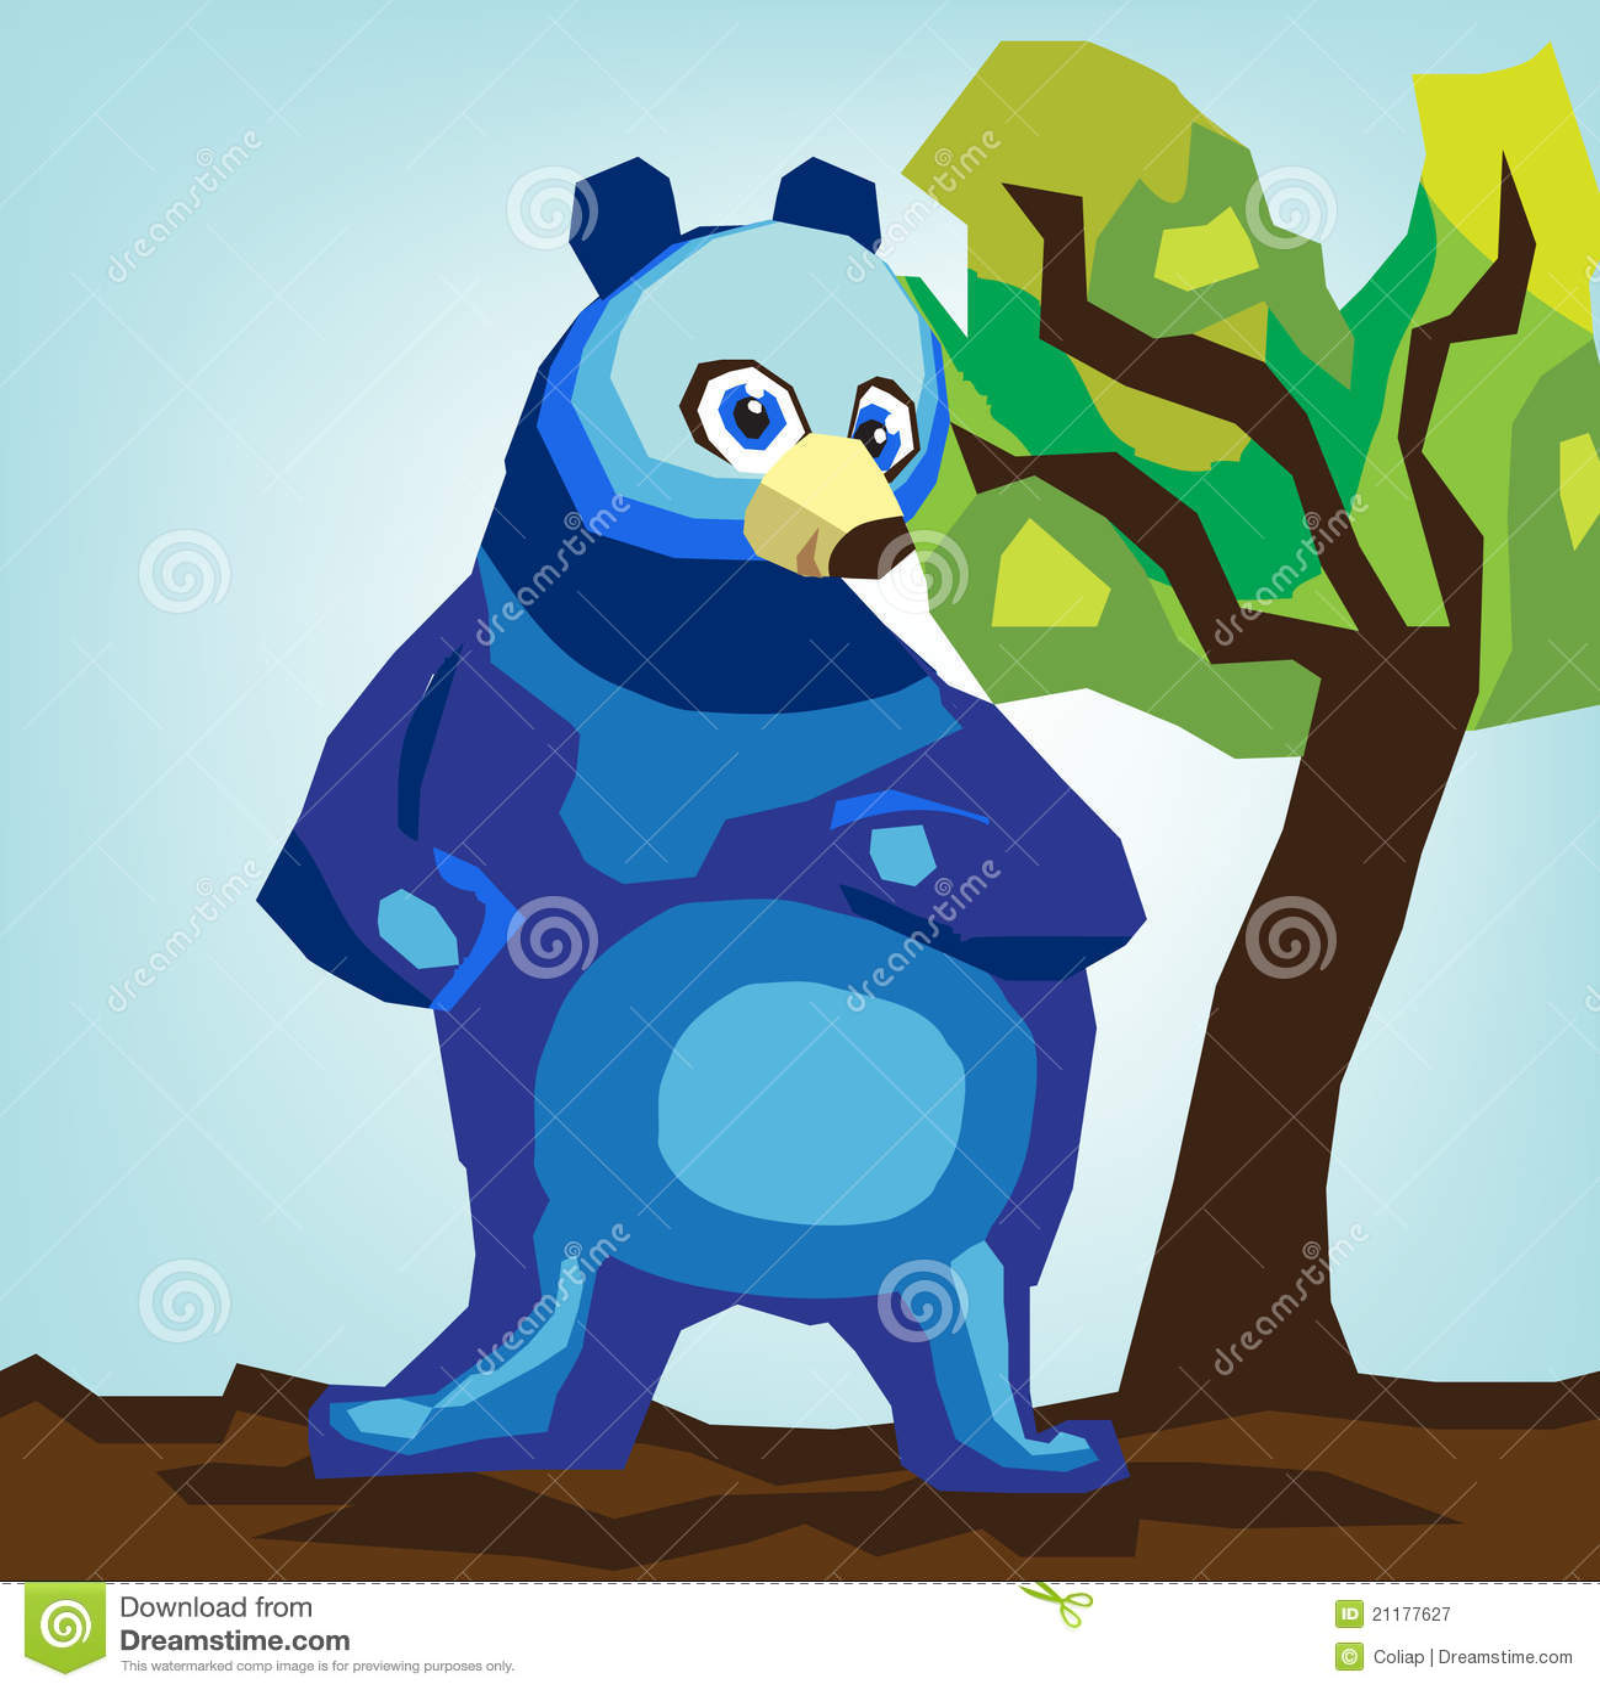 Big bear abstract